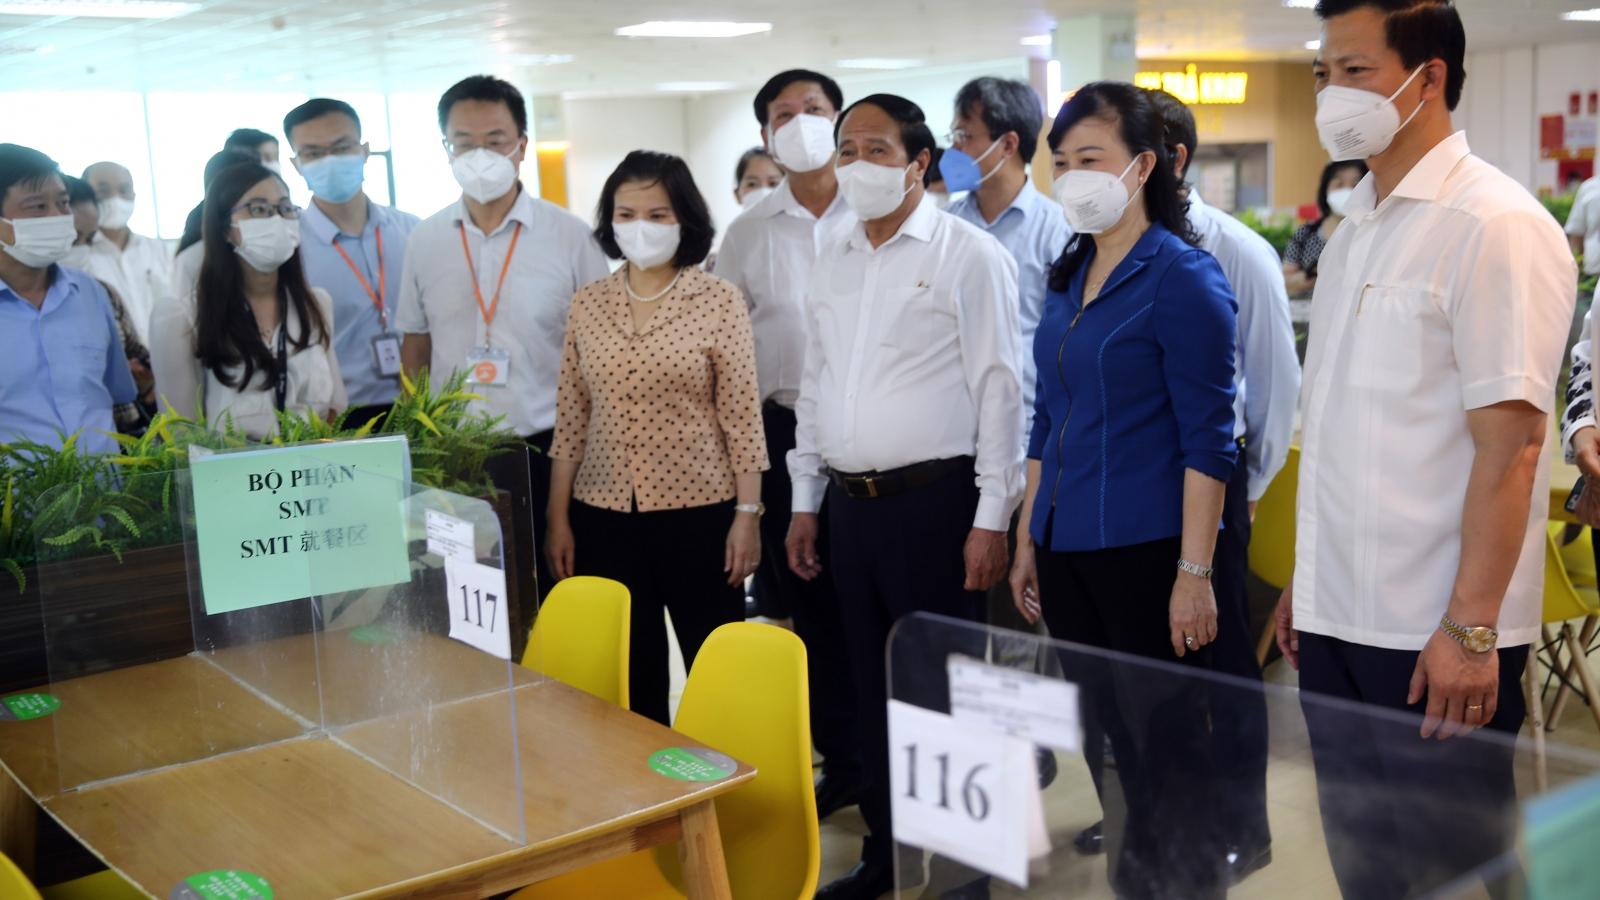 """Hơn 500 doanh nghiệp ở Bắc Ninh trở lại làm việc theo cách """"chưa từng có"""""""